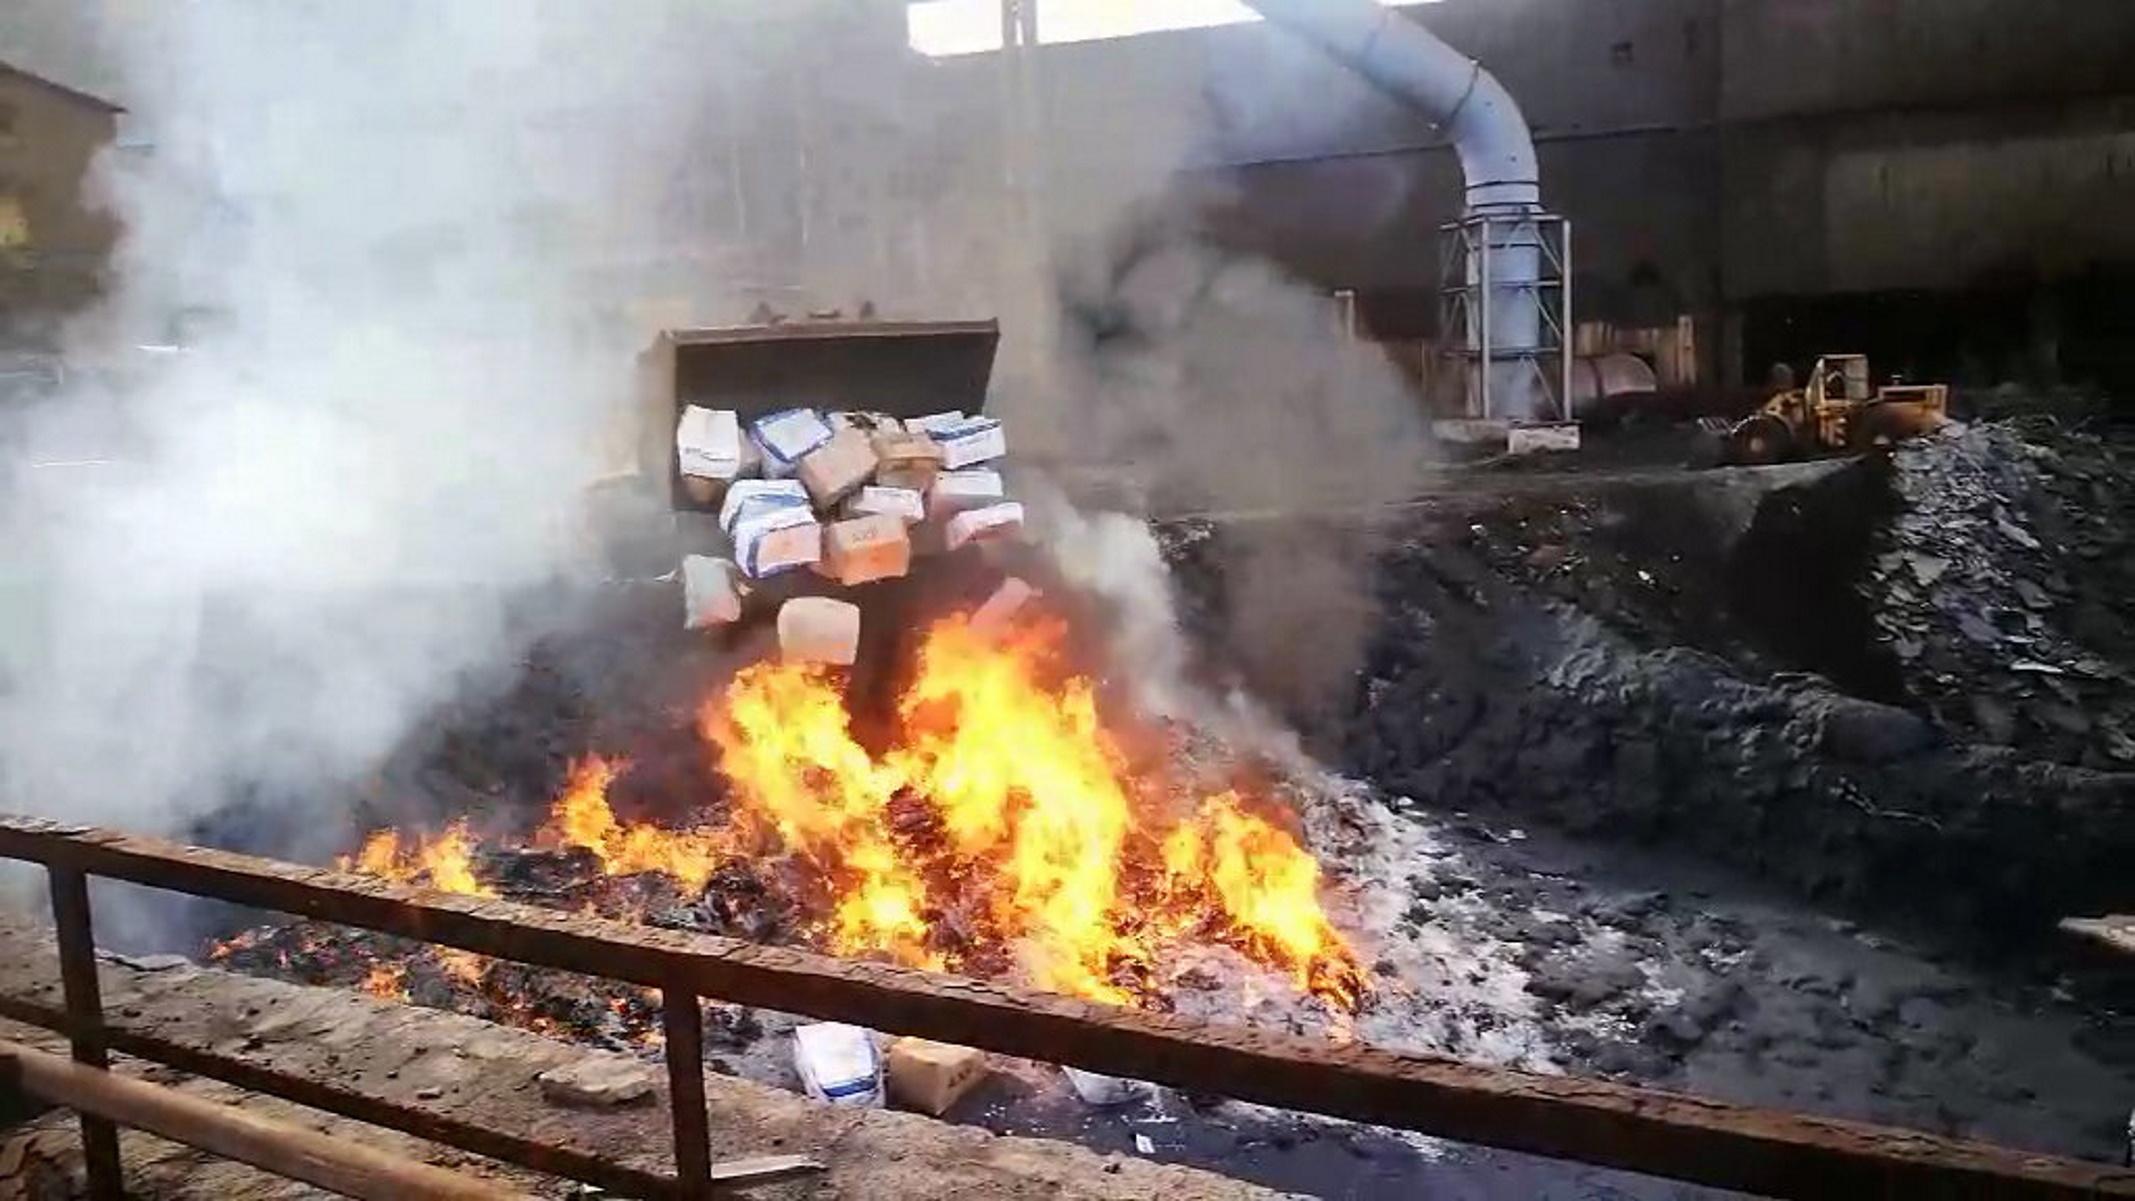 Στην πυρά εκατοντάδες κιλά ναρκωτικών – Εντυπωσιακές εικόνες καταστροφής των ουσιών